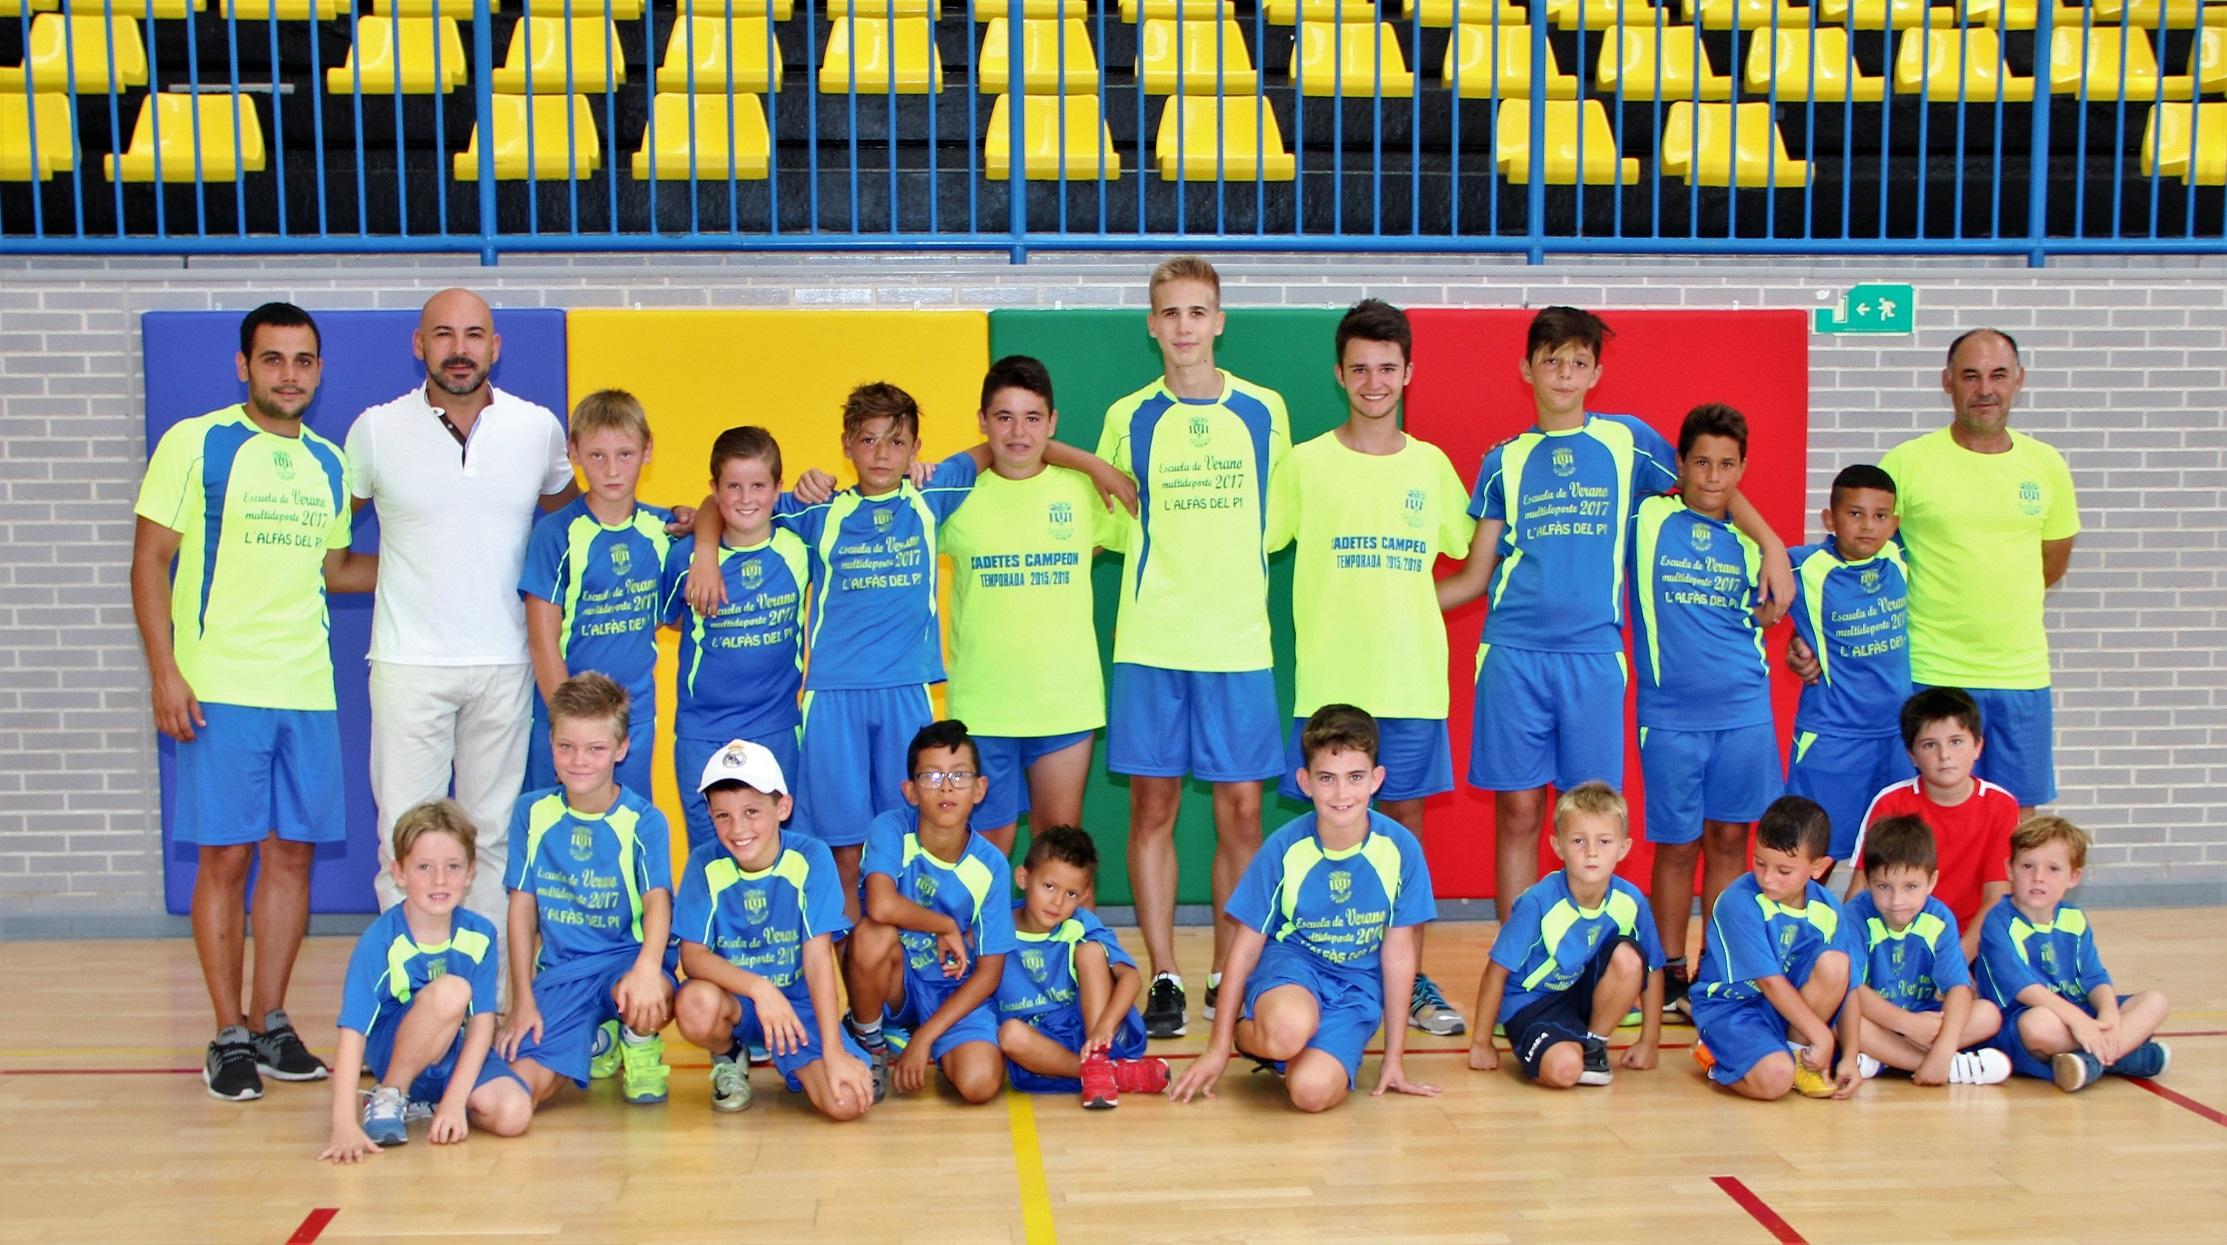 El concejal de deportes Luis Miguel Morant ha visitado a los alumnos del Campus de Multideporte